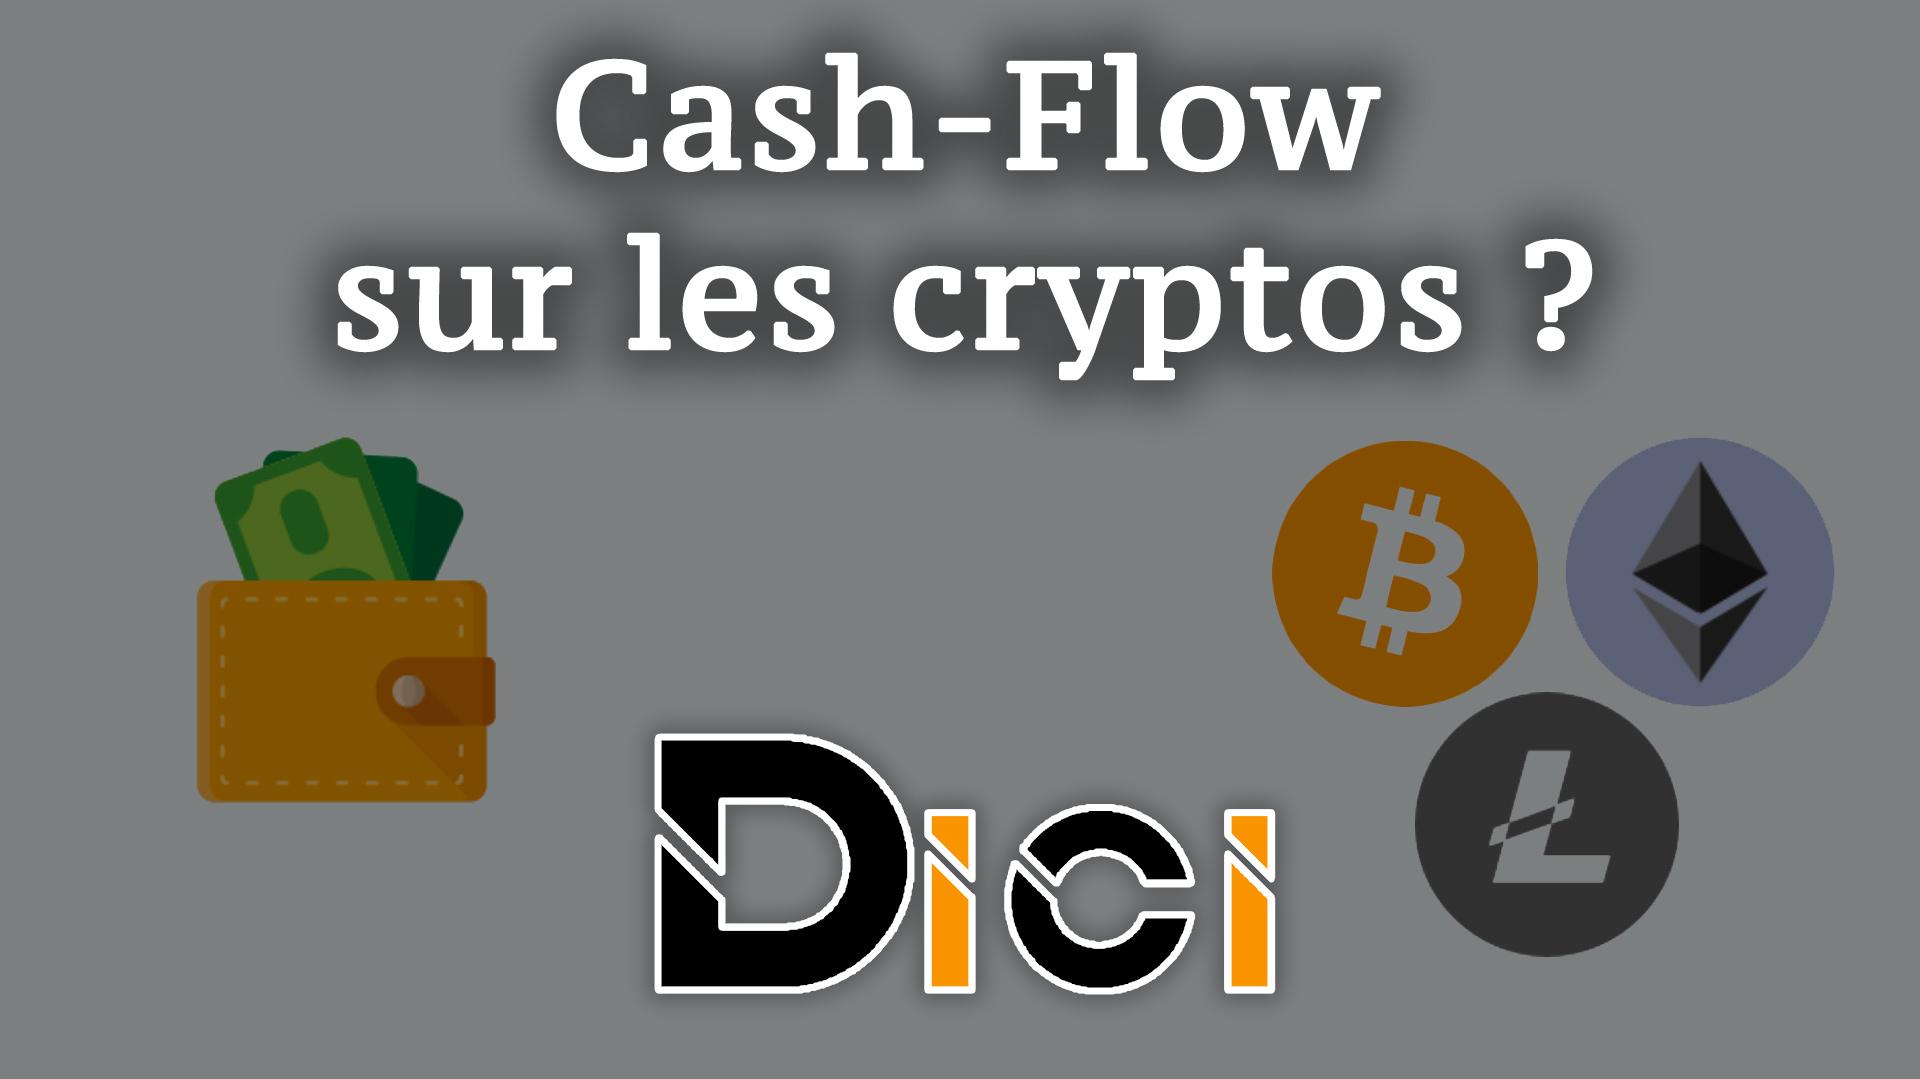 Cash-flow sur les cryptos